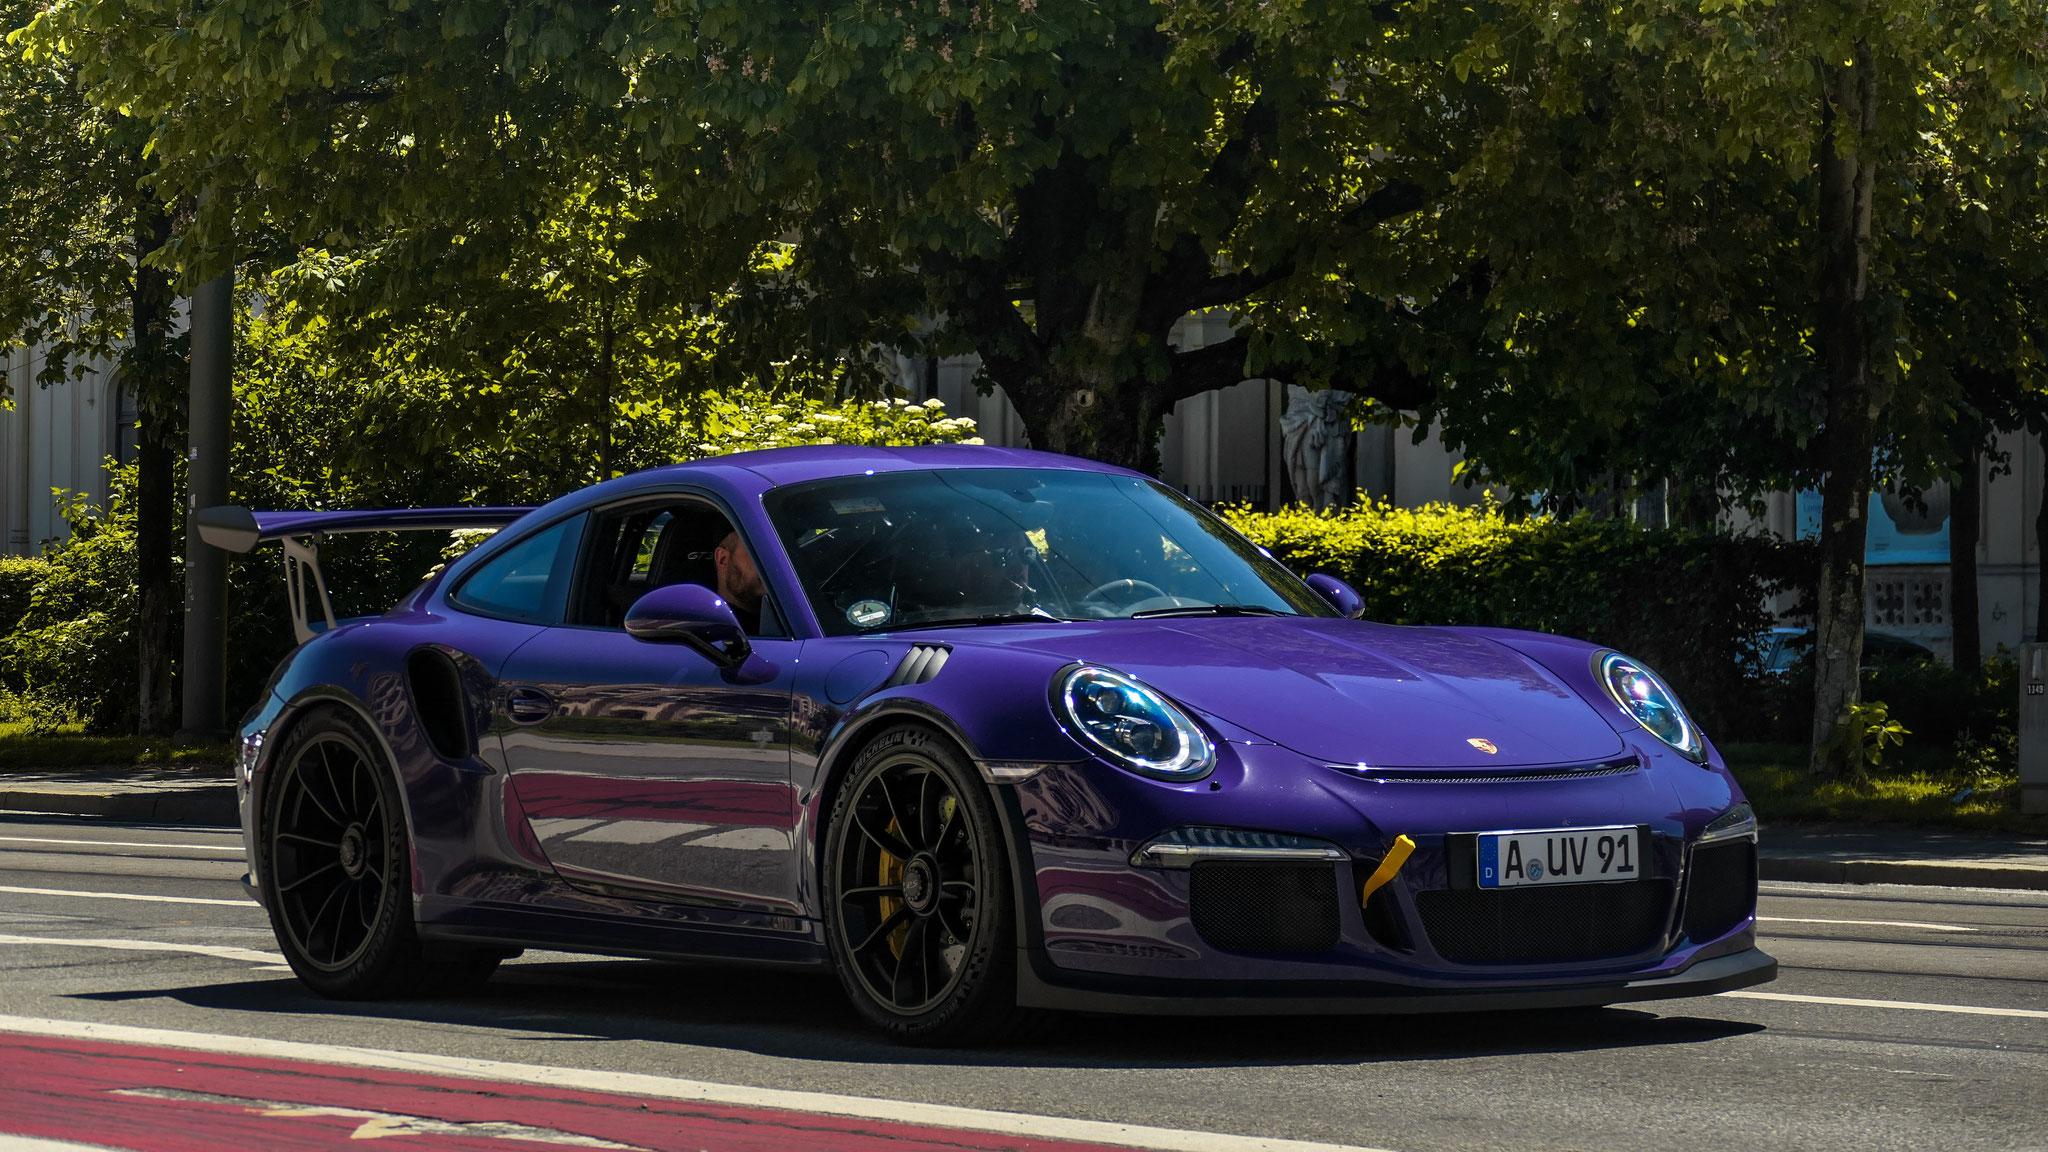 Porsche 911 GT3 RS - A-UV-91